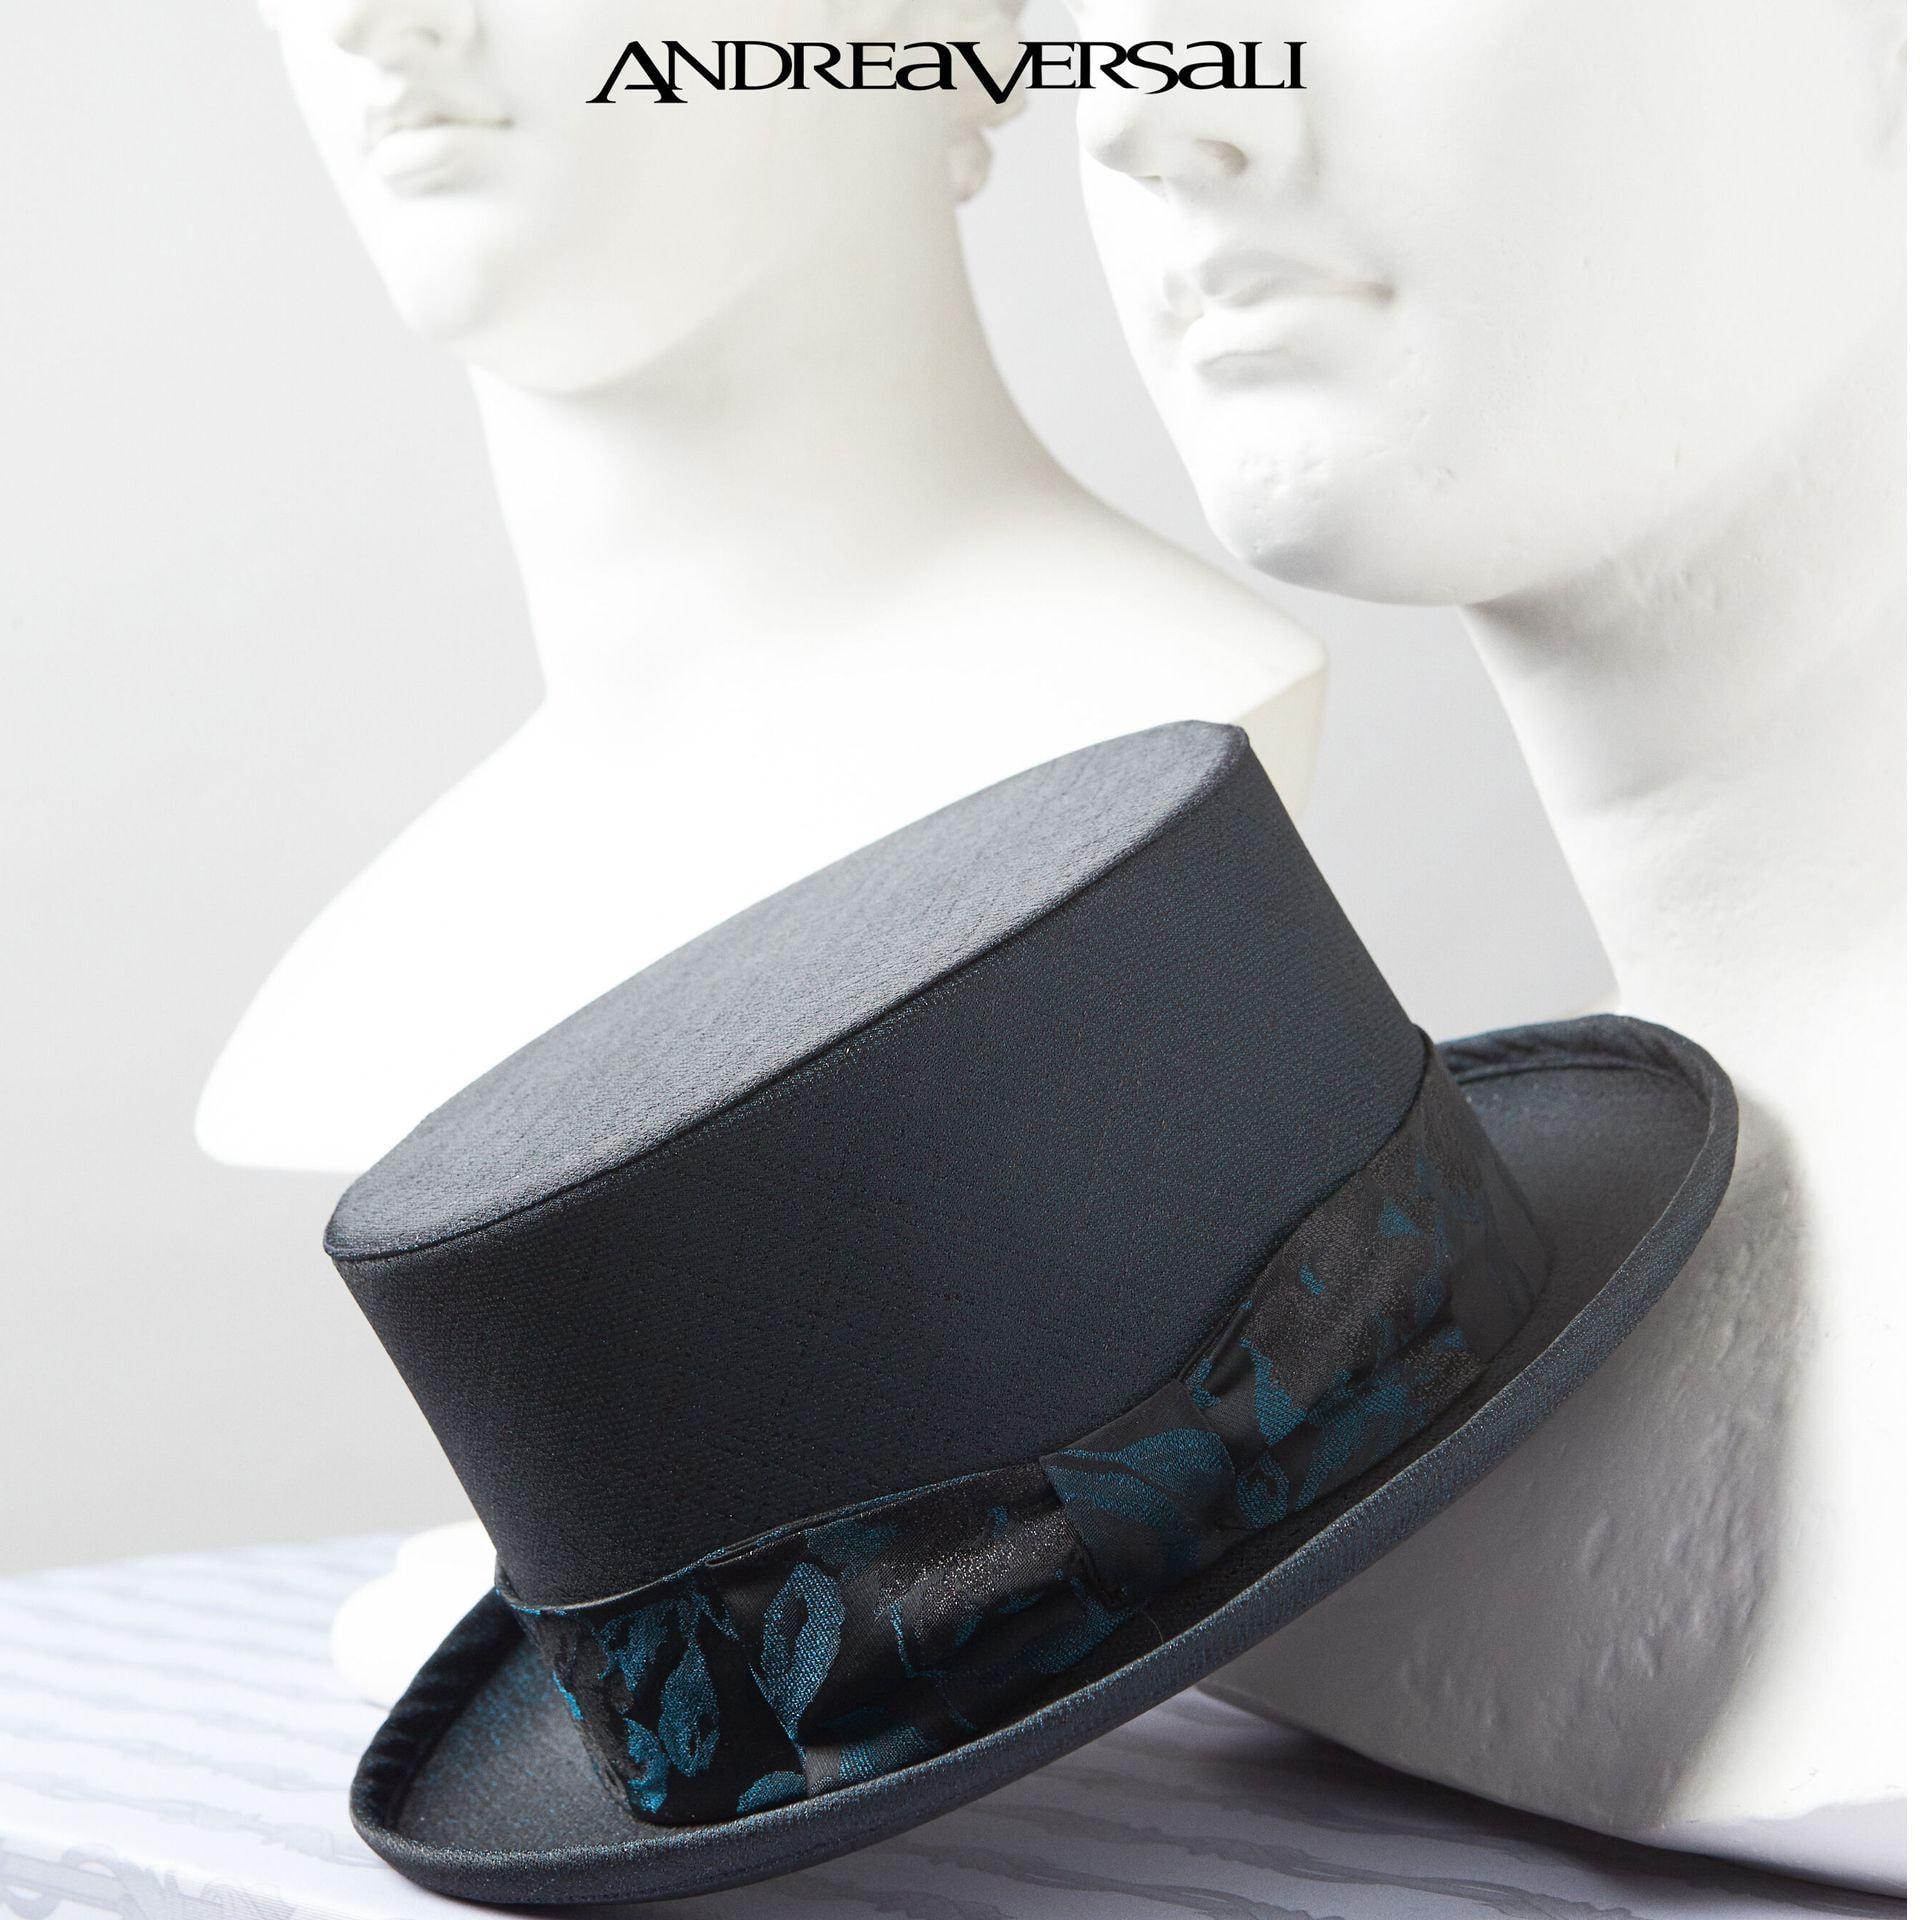 Andrea Versali abbigliamento sposo